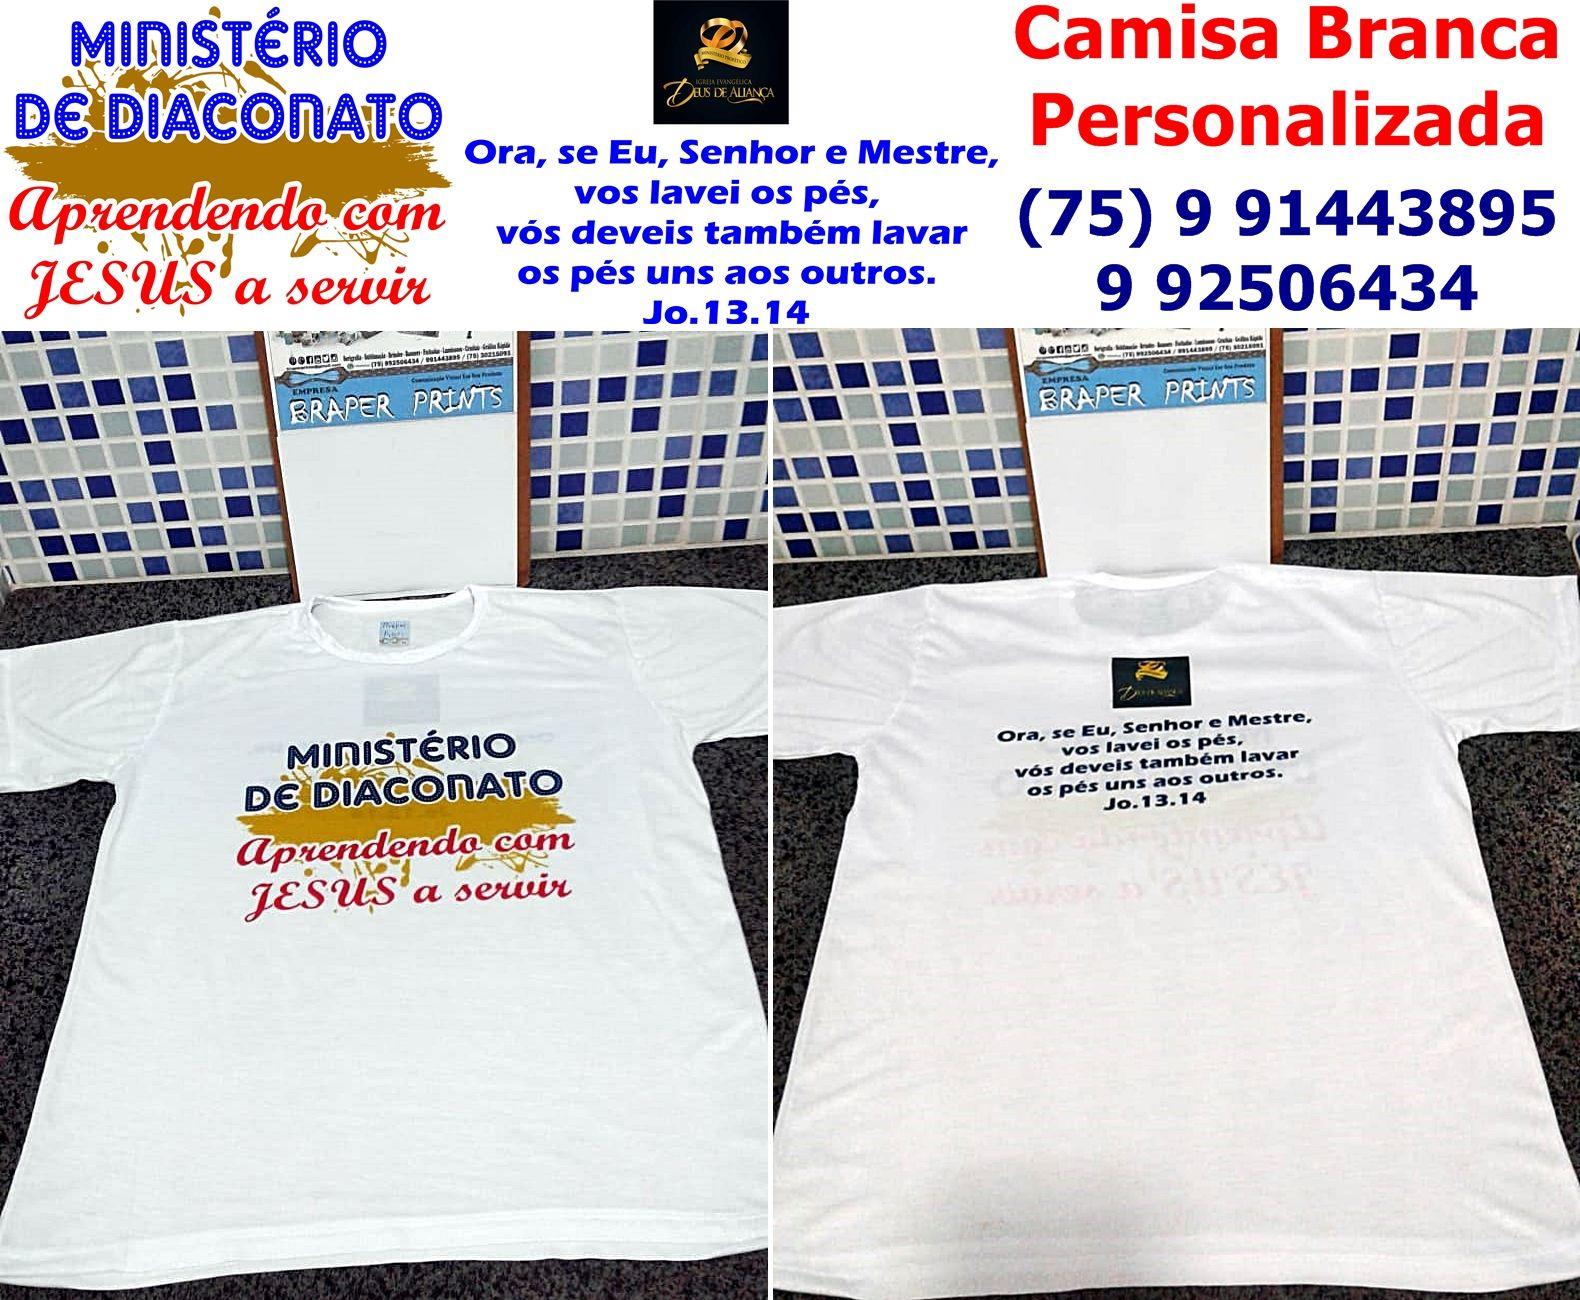 c230311da4 camisas brancas personalizadas ministério